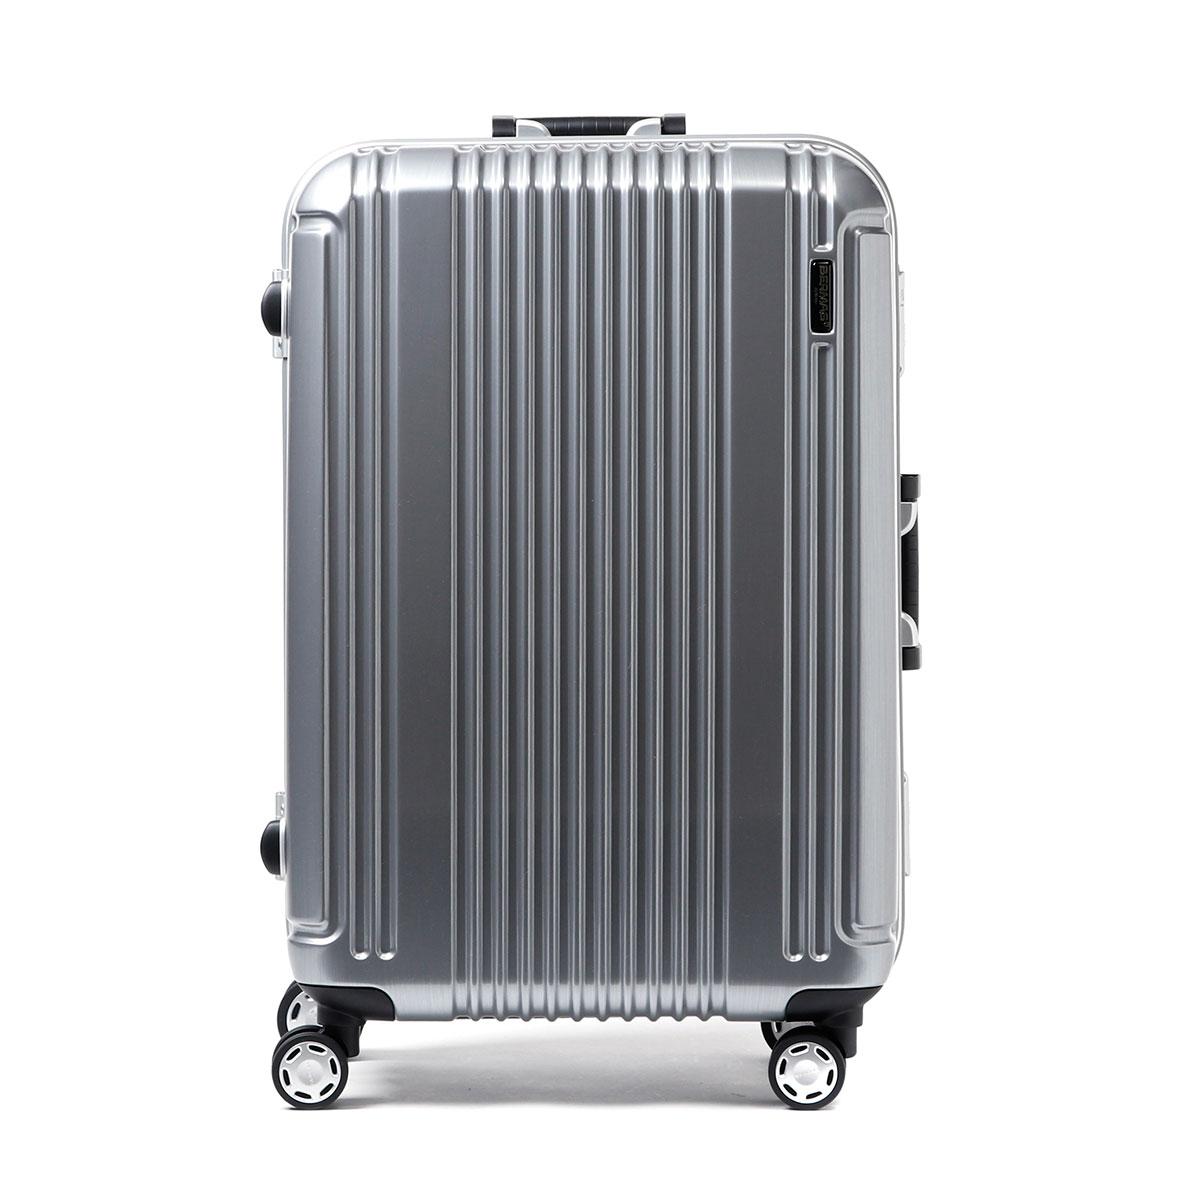 「正規品1年保証」バーマススーツケースBERMASバーマススーツケースプレステージ2PRESTIGEIIキャリーケースフレーム52L小型SサイズTSAロック3〜5泊程度4輪ハード軽量旅行カバン旅行バッグ60265